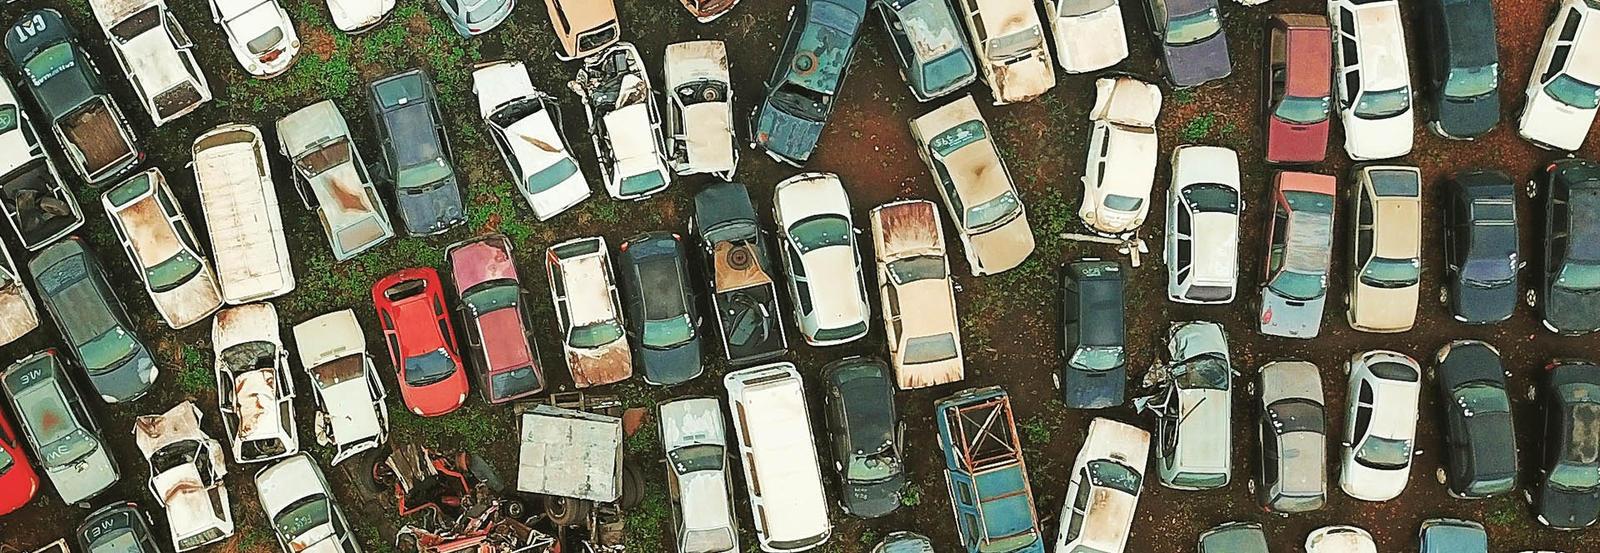 junkyard aerial shot